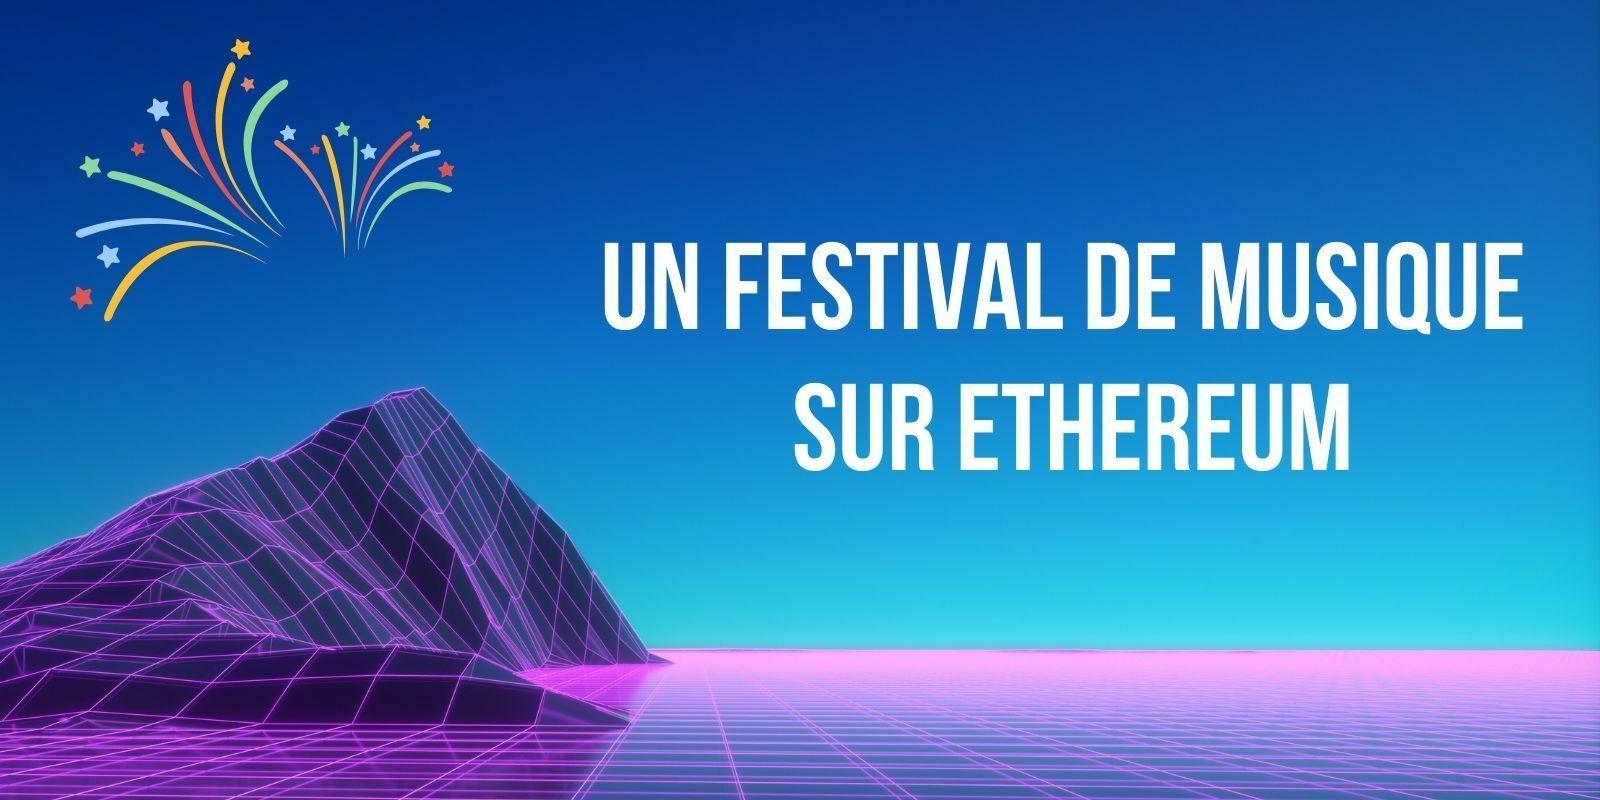 Decentraland (MANA) organise un festival de musique virtuel sur Ethereum (ETH)